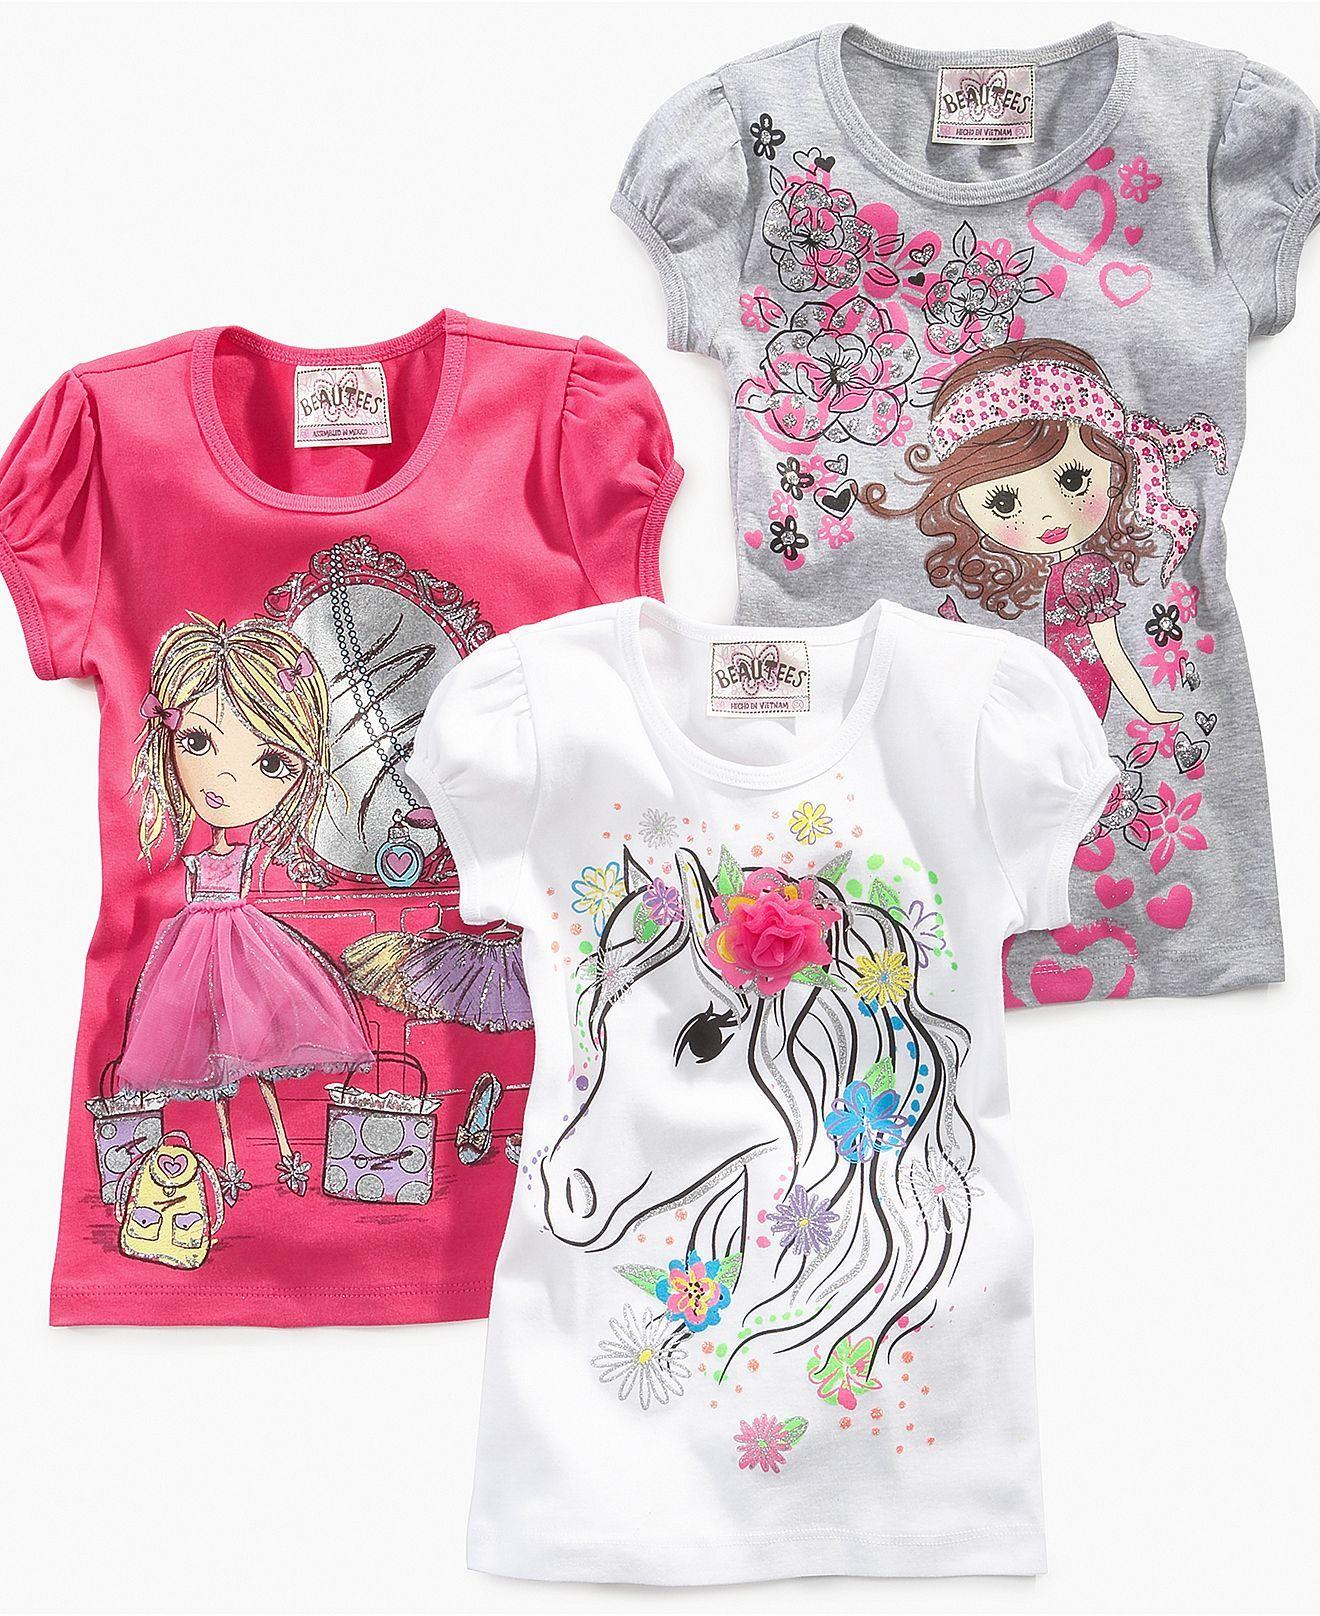 Beautees Kids Shirt e41d31ec465